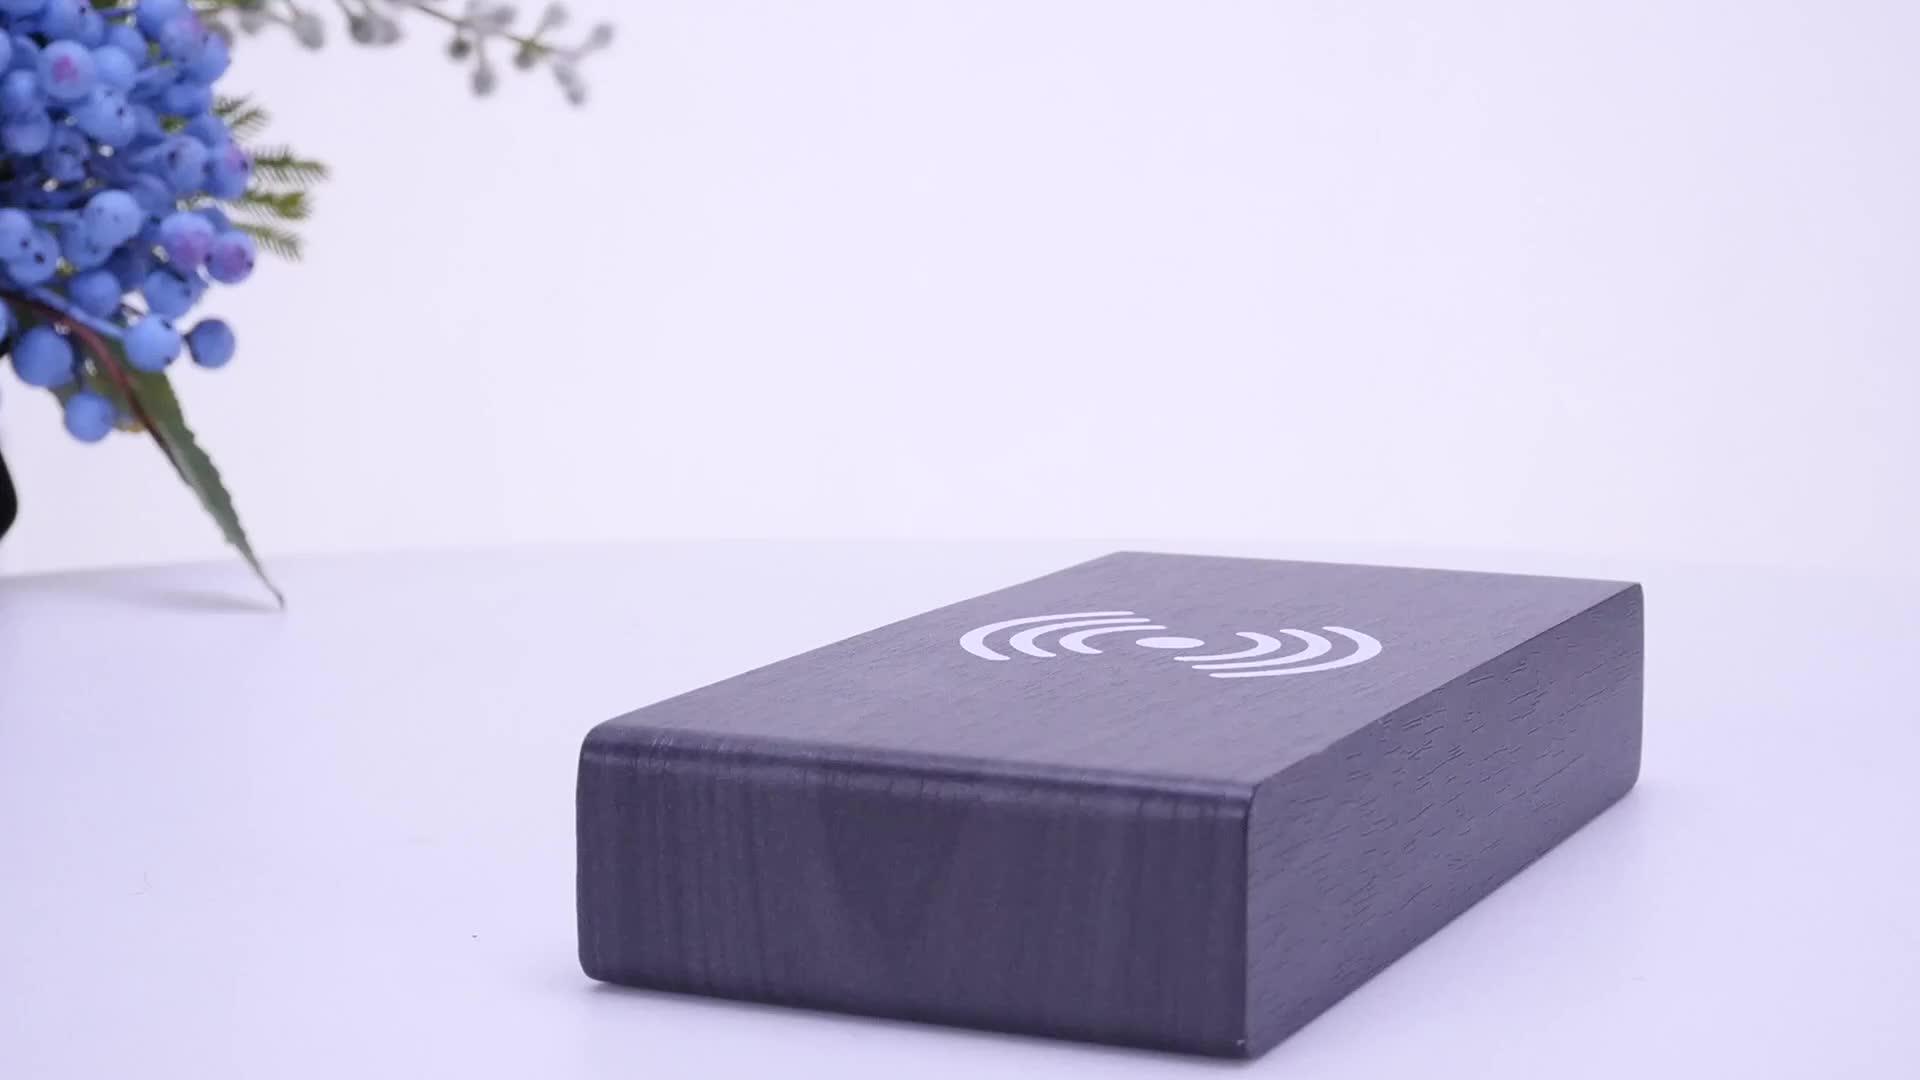 Nieuwe Stijl Mobiele Telefoon Qi Draadloze Oplader Digitale Wekker Met Kalender, Temperatuur, Datum